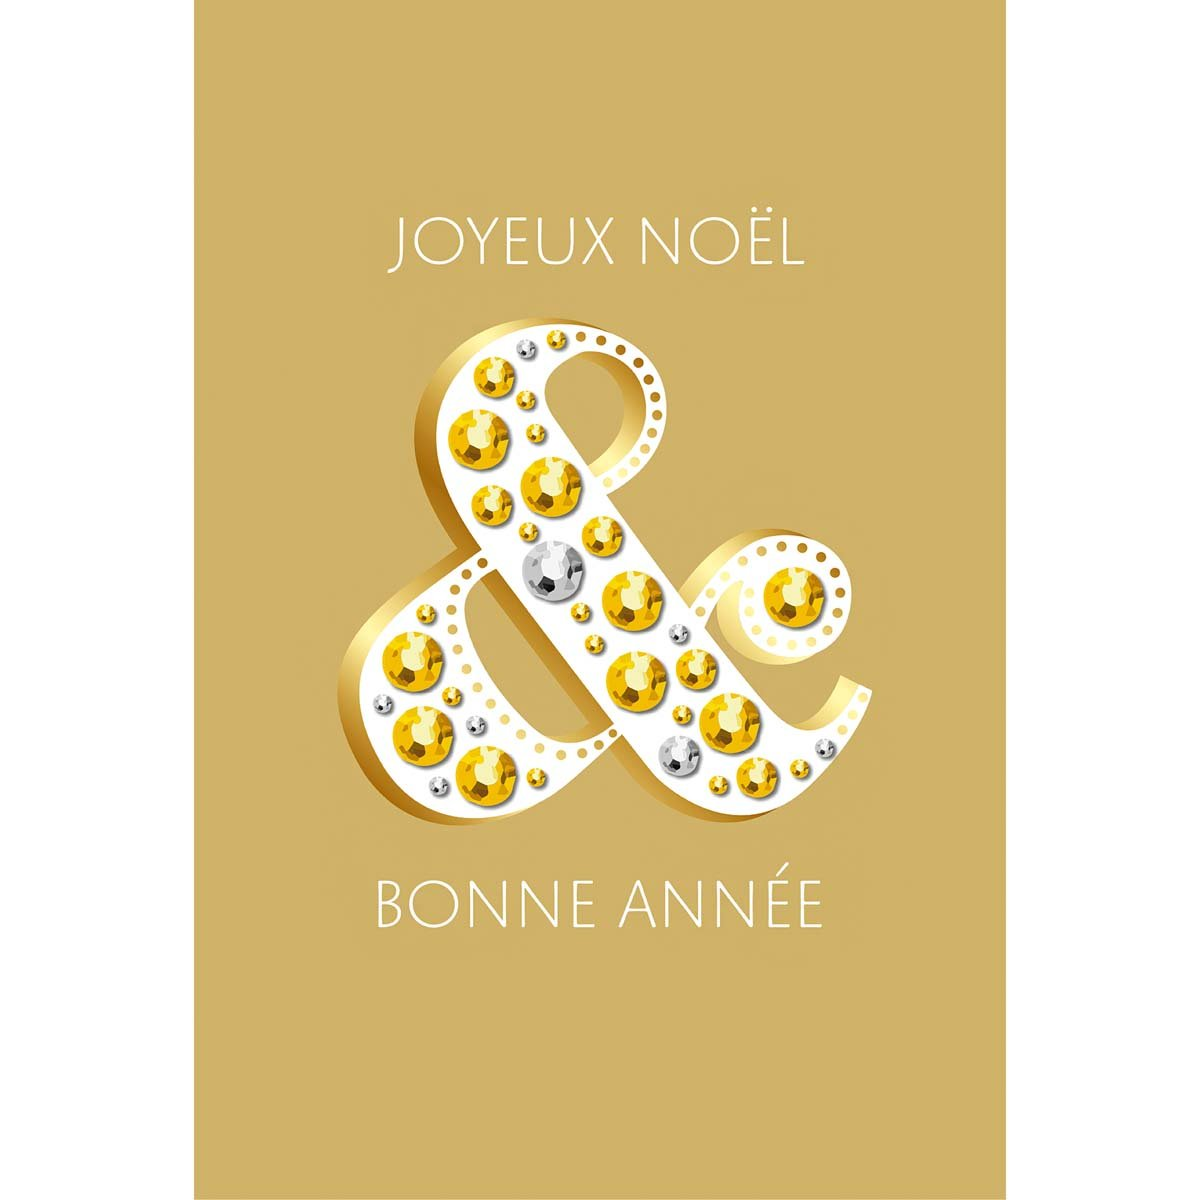 Carte de voeux joyeux noël & bonne année